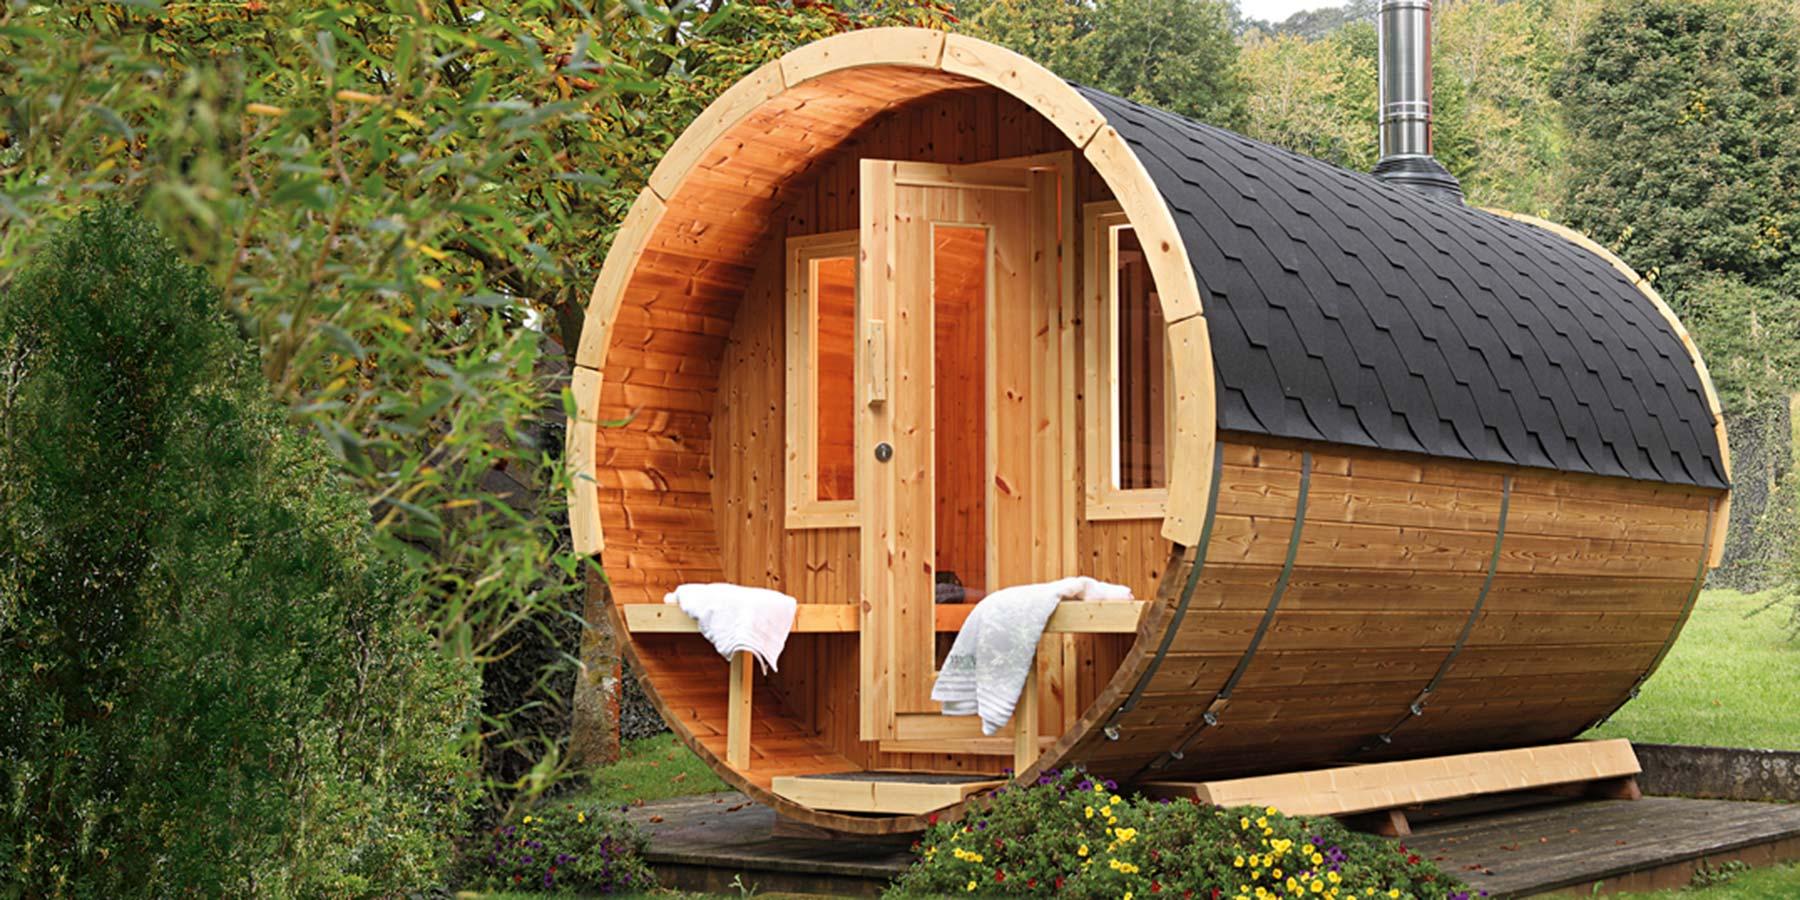 Saunafässer bei HolzLand Verbeek in Strealen